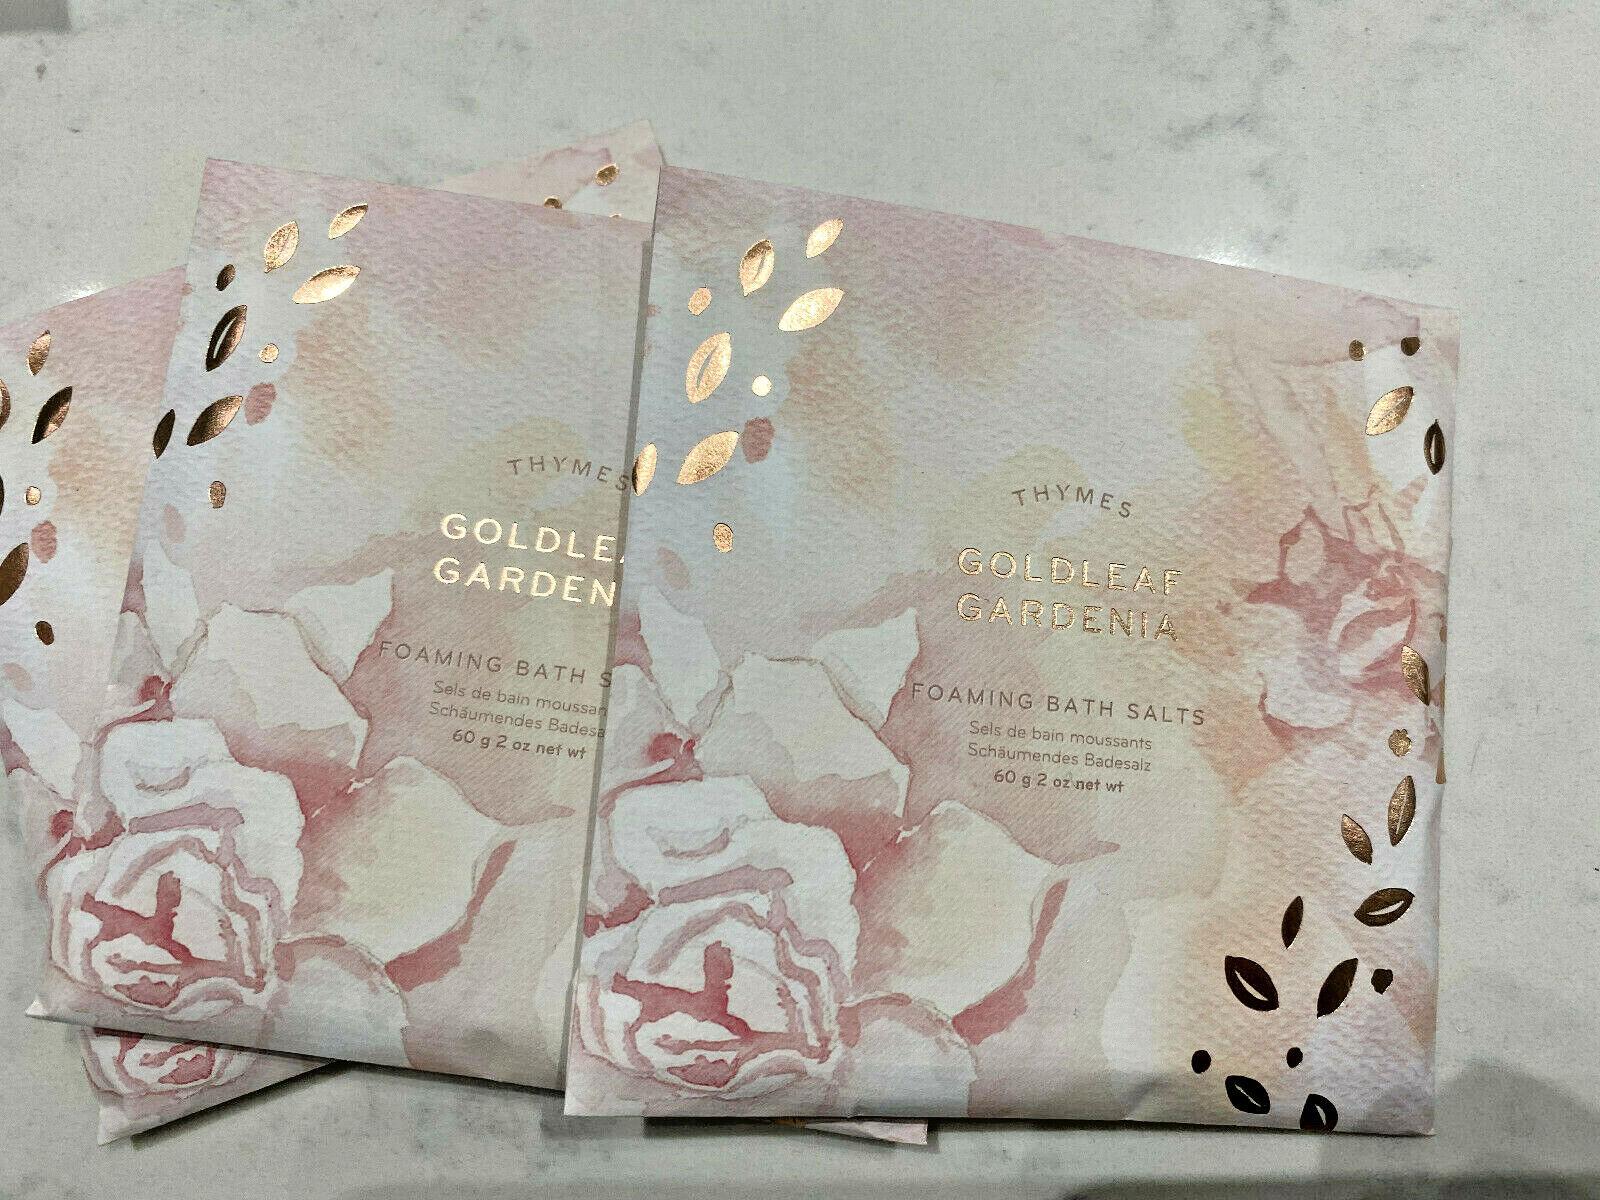 Thymes Goldleaf Gardenia Perfumed Foaming Bath Envelope, 2oz